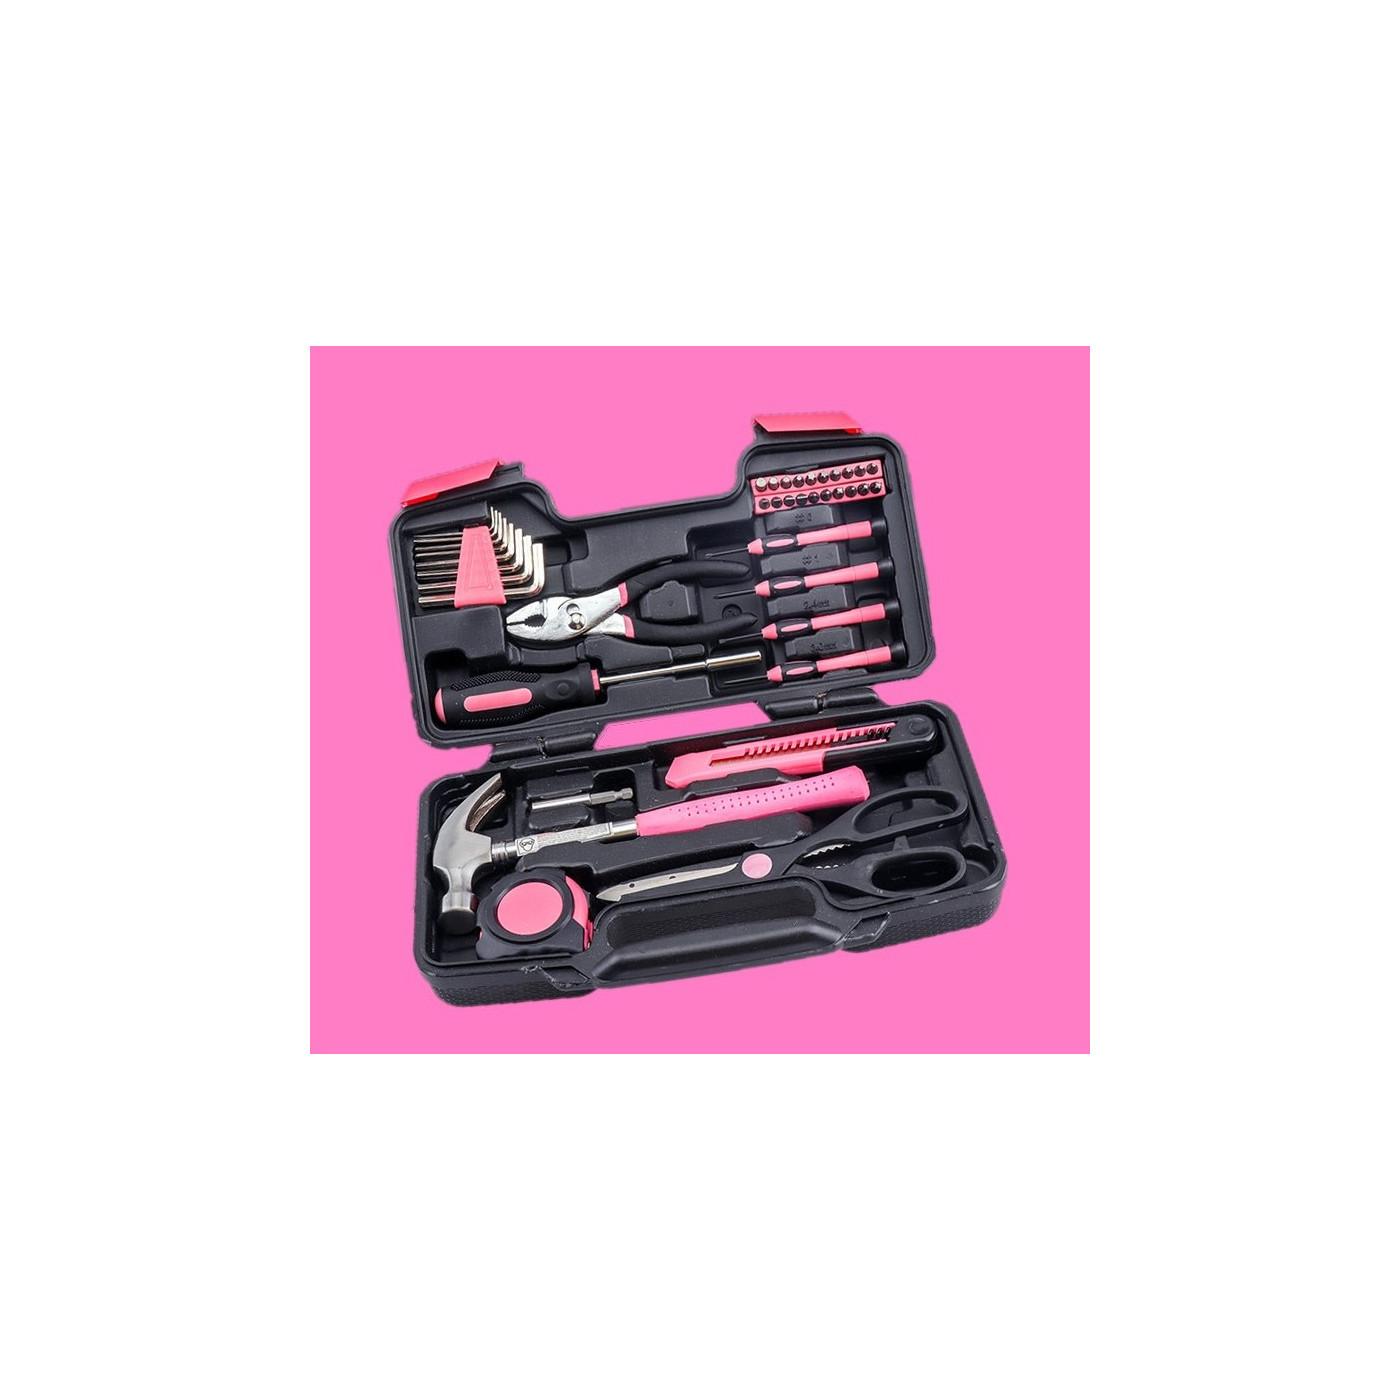 Conjunto de ferramentas para senhoras (39 peças)  - 1